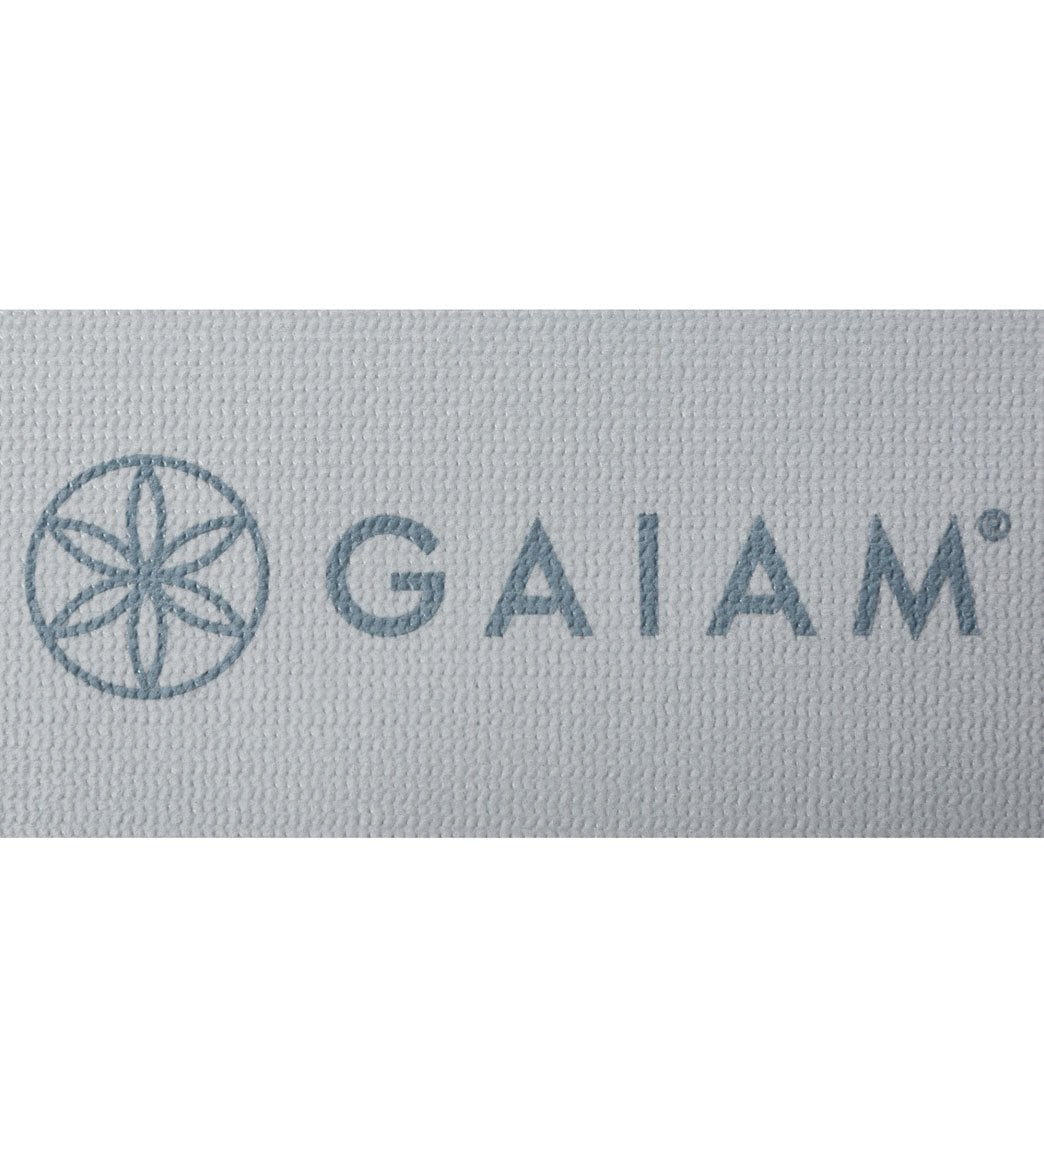 edd91a2cce7 Gaiam Foldable Yoga Mat 68